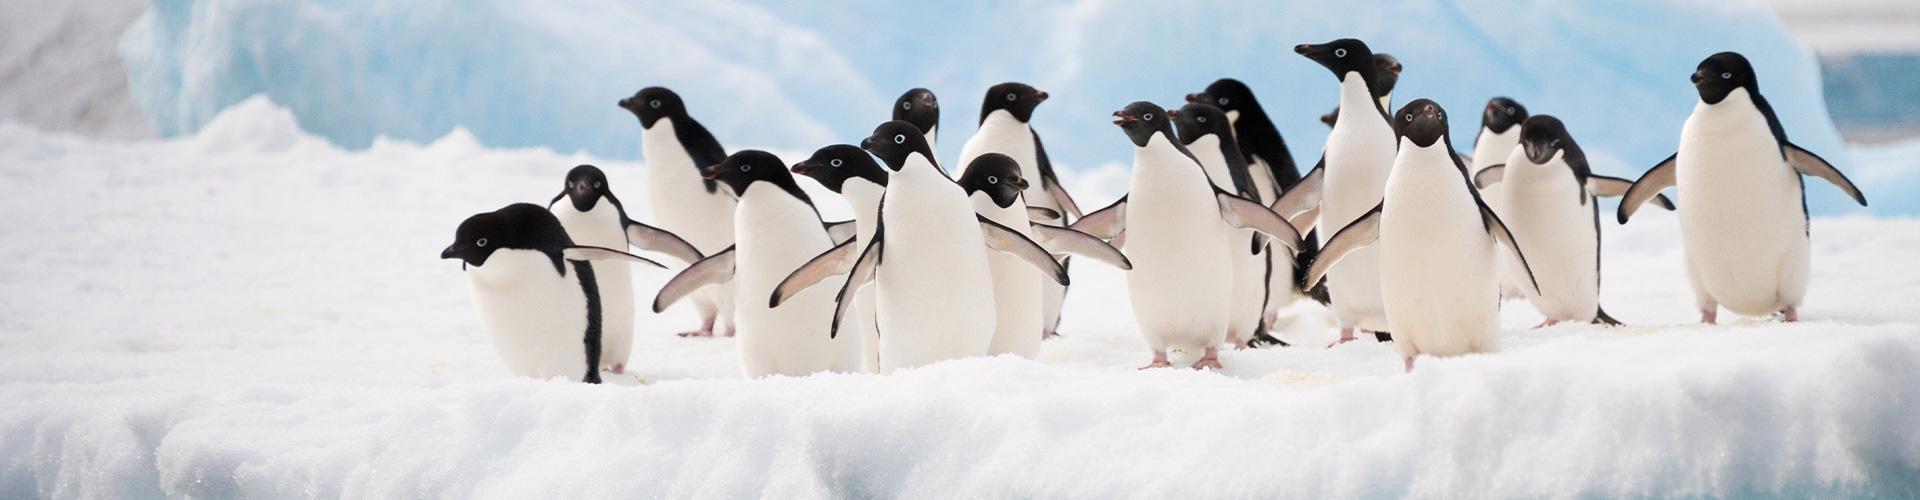 Diverse Pinguine auf einer Eisscholle